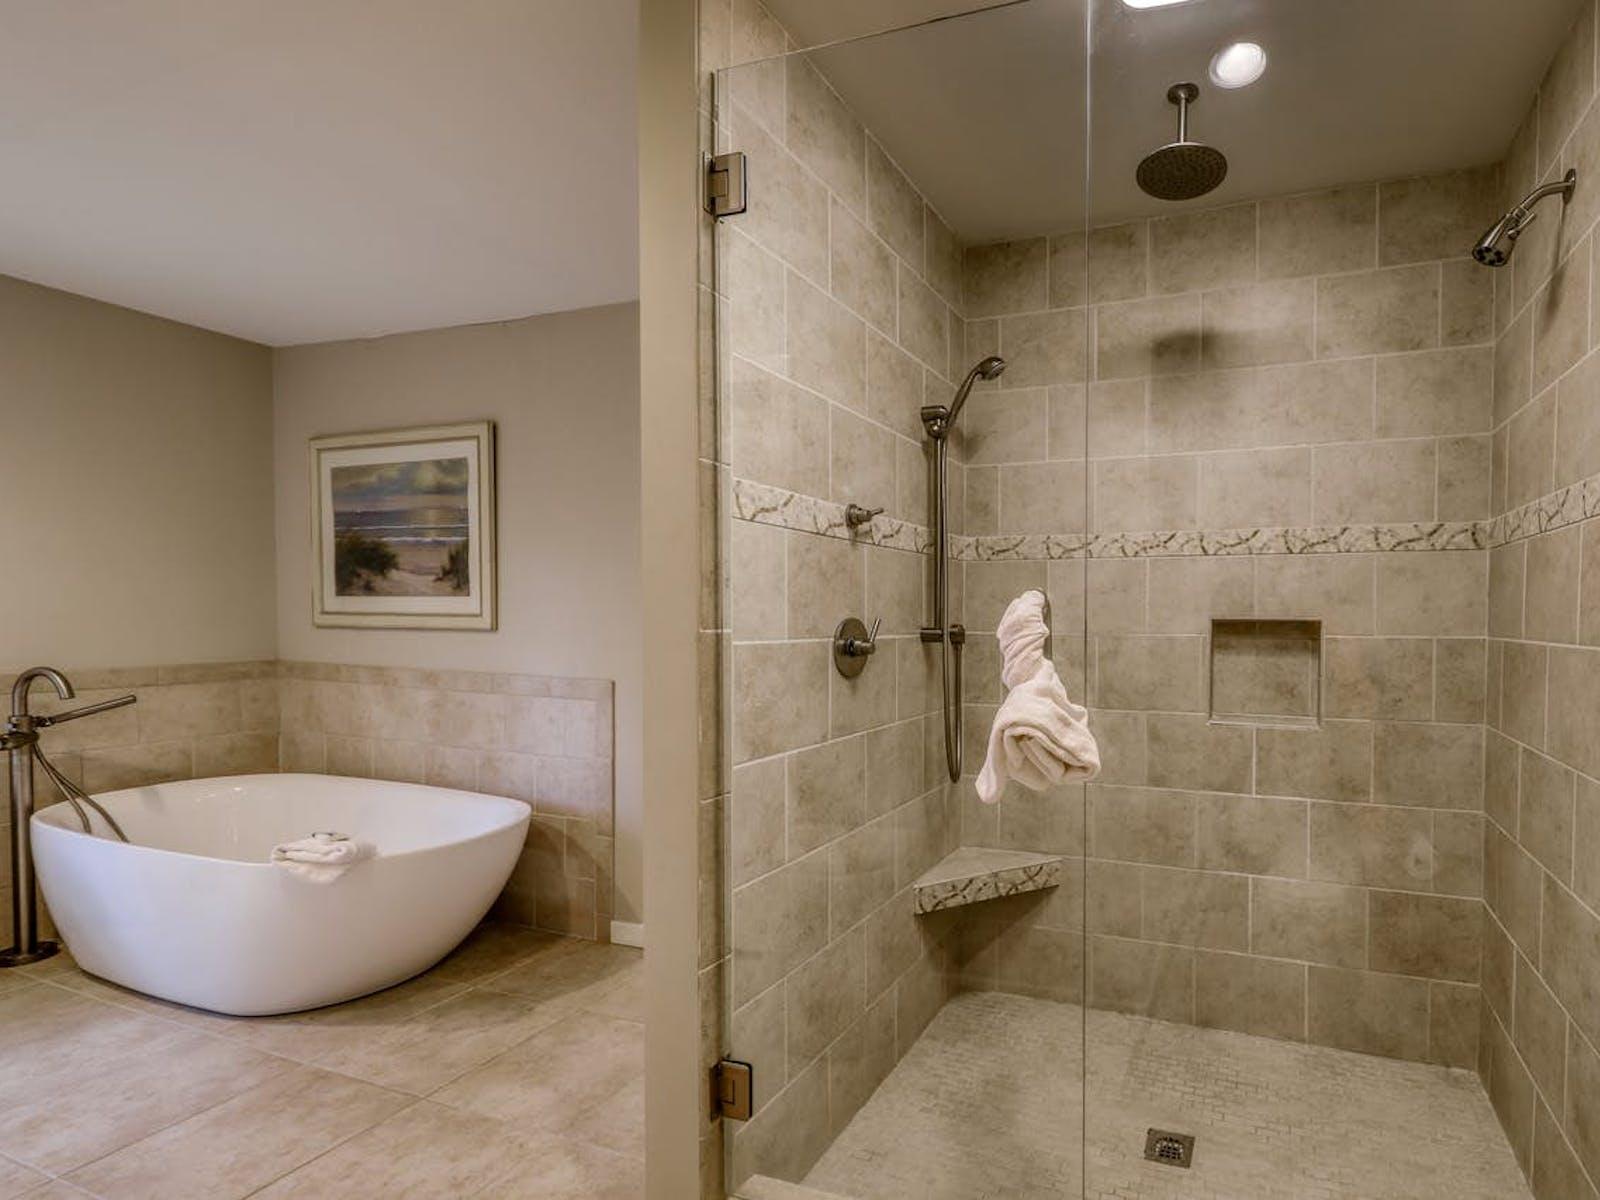 neutral-hued bathroom features a rare square bathtub next to a dual-head shower